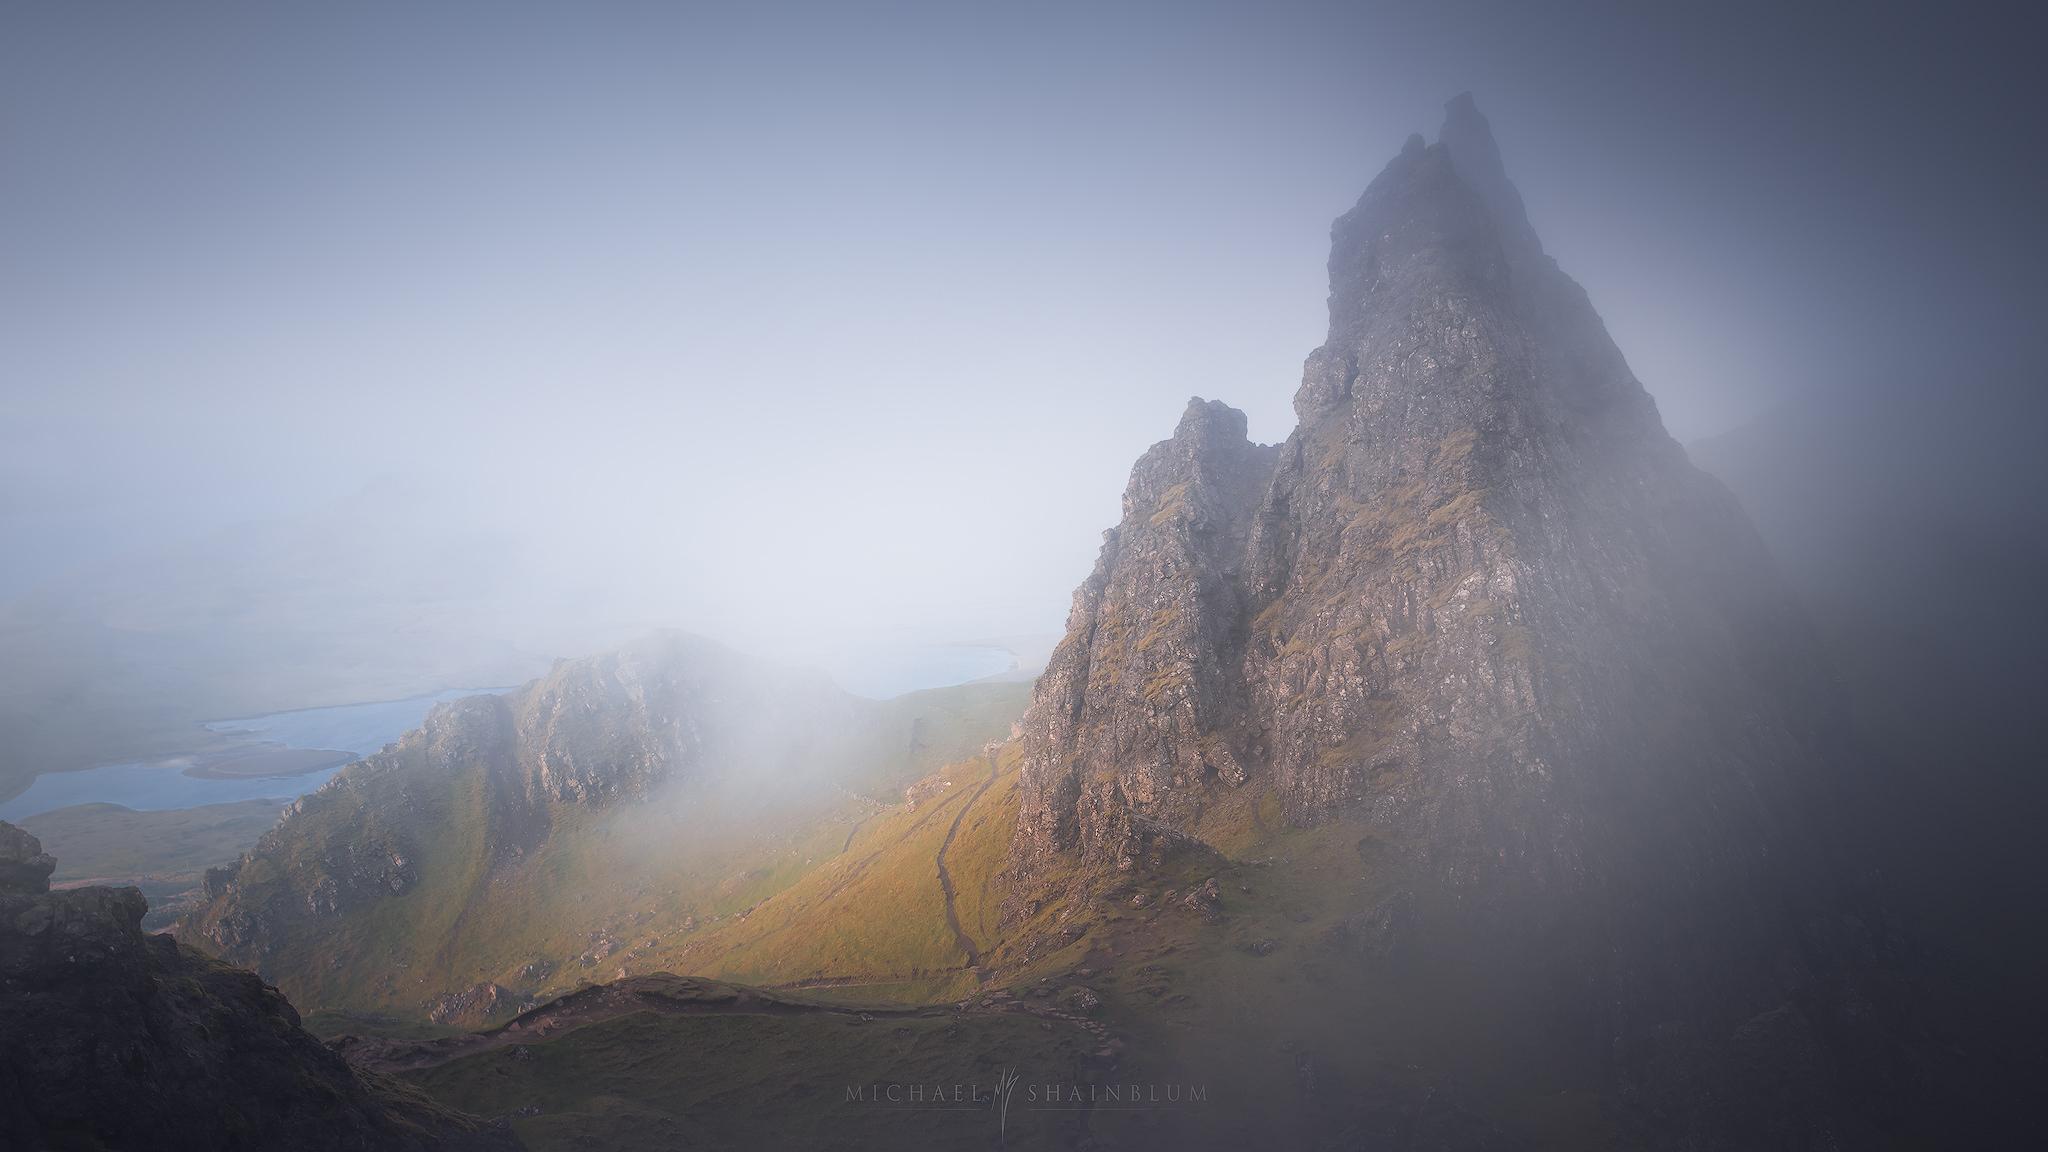 Isle of Skye Scotland Landscape Photography